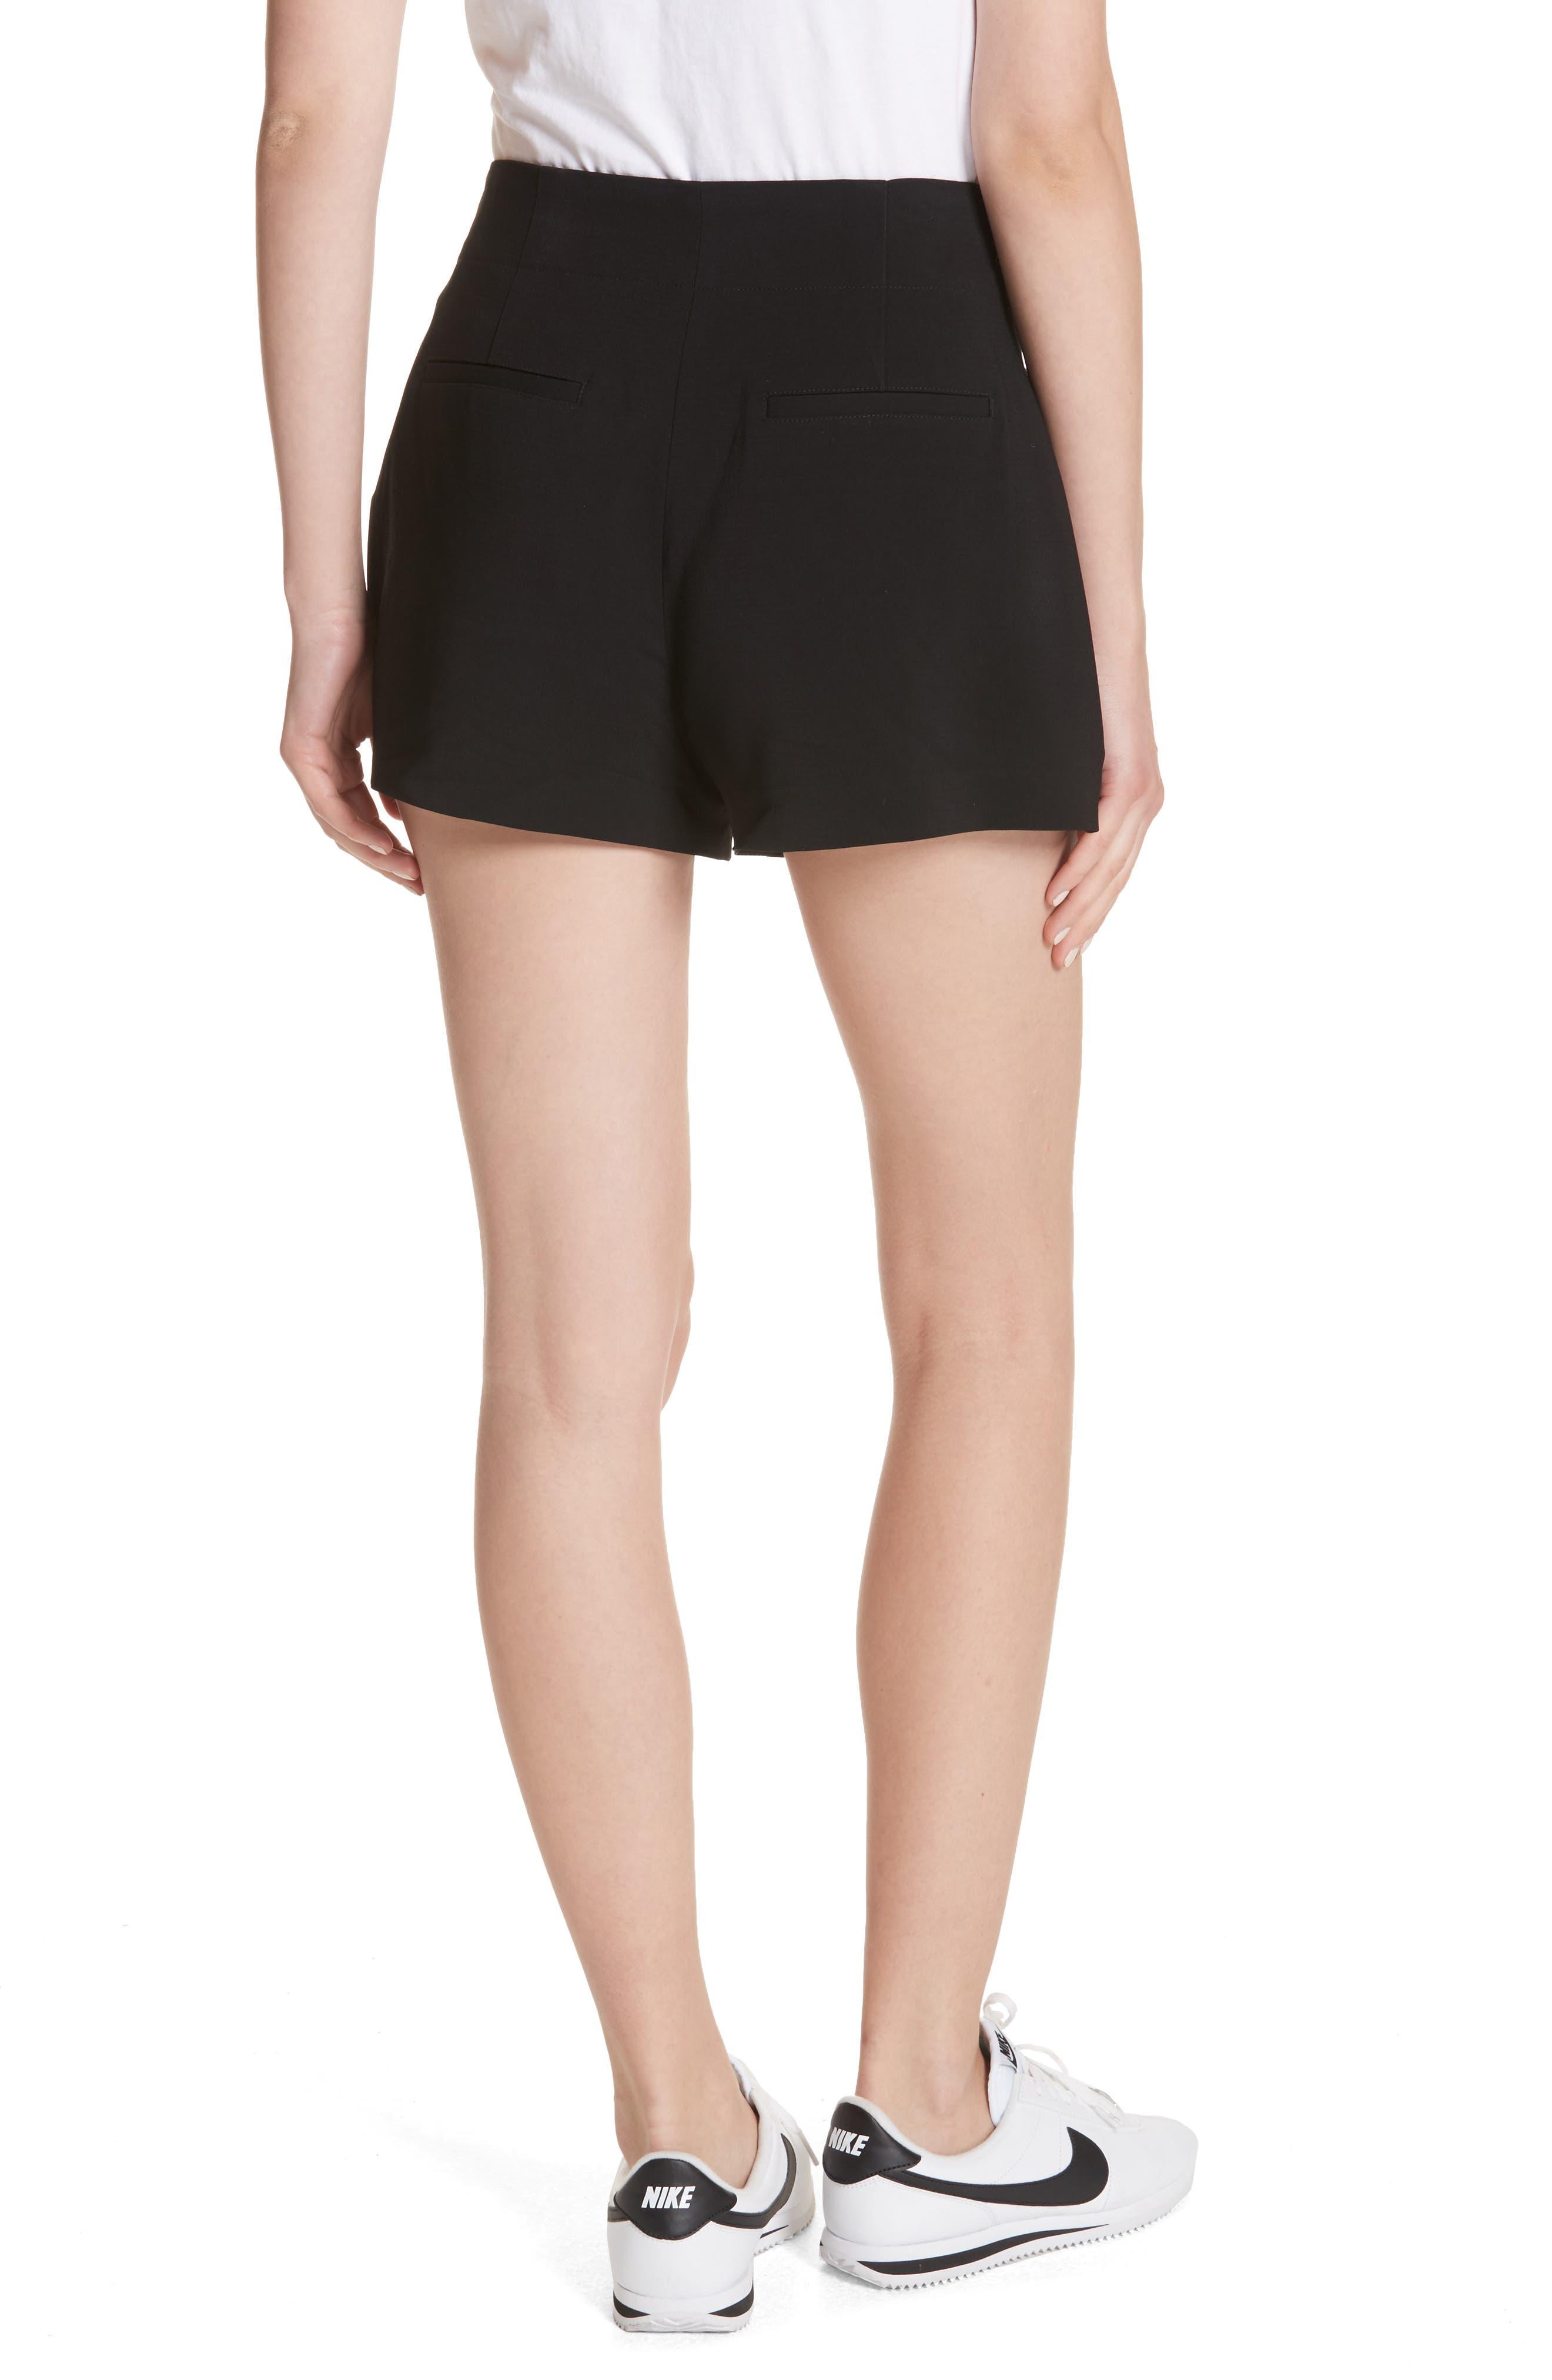 Issac Shorts,                             Alternate thumbnail 2, color,                             Black